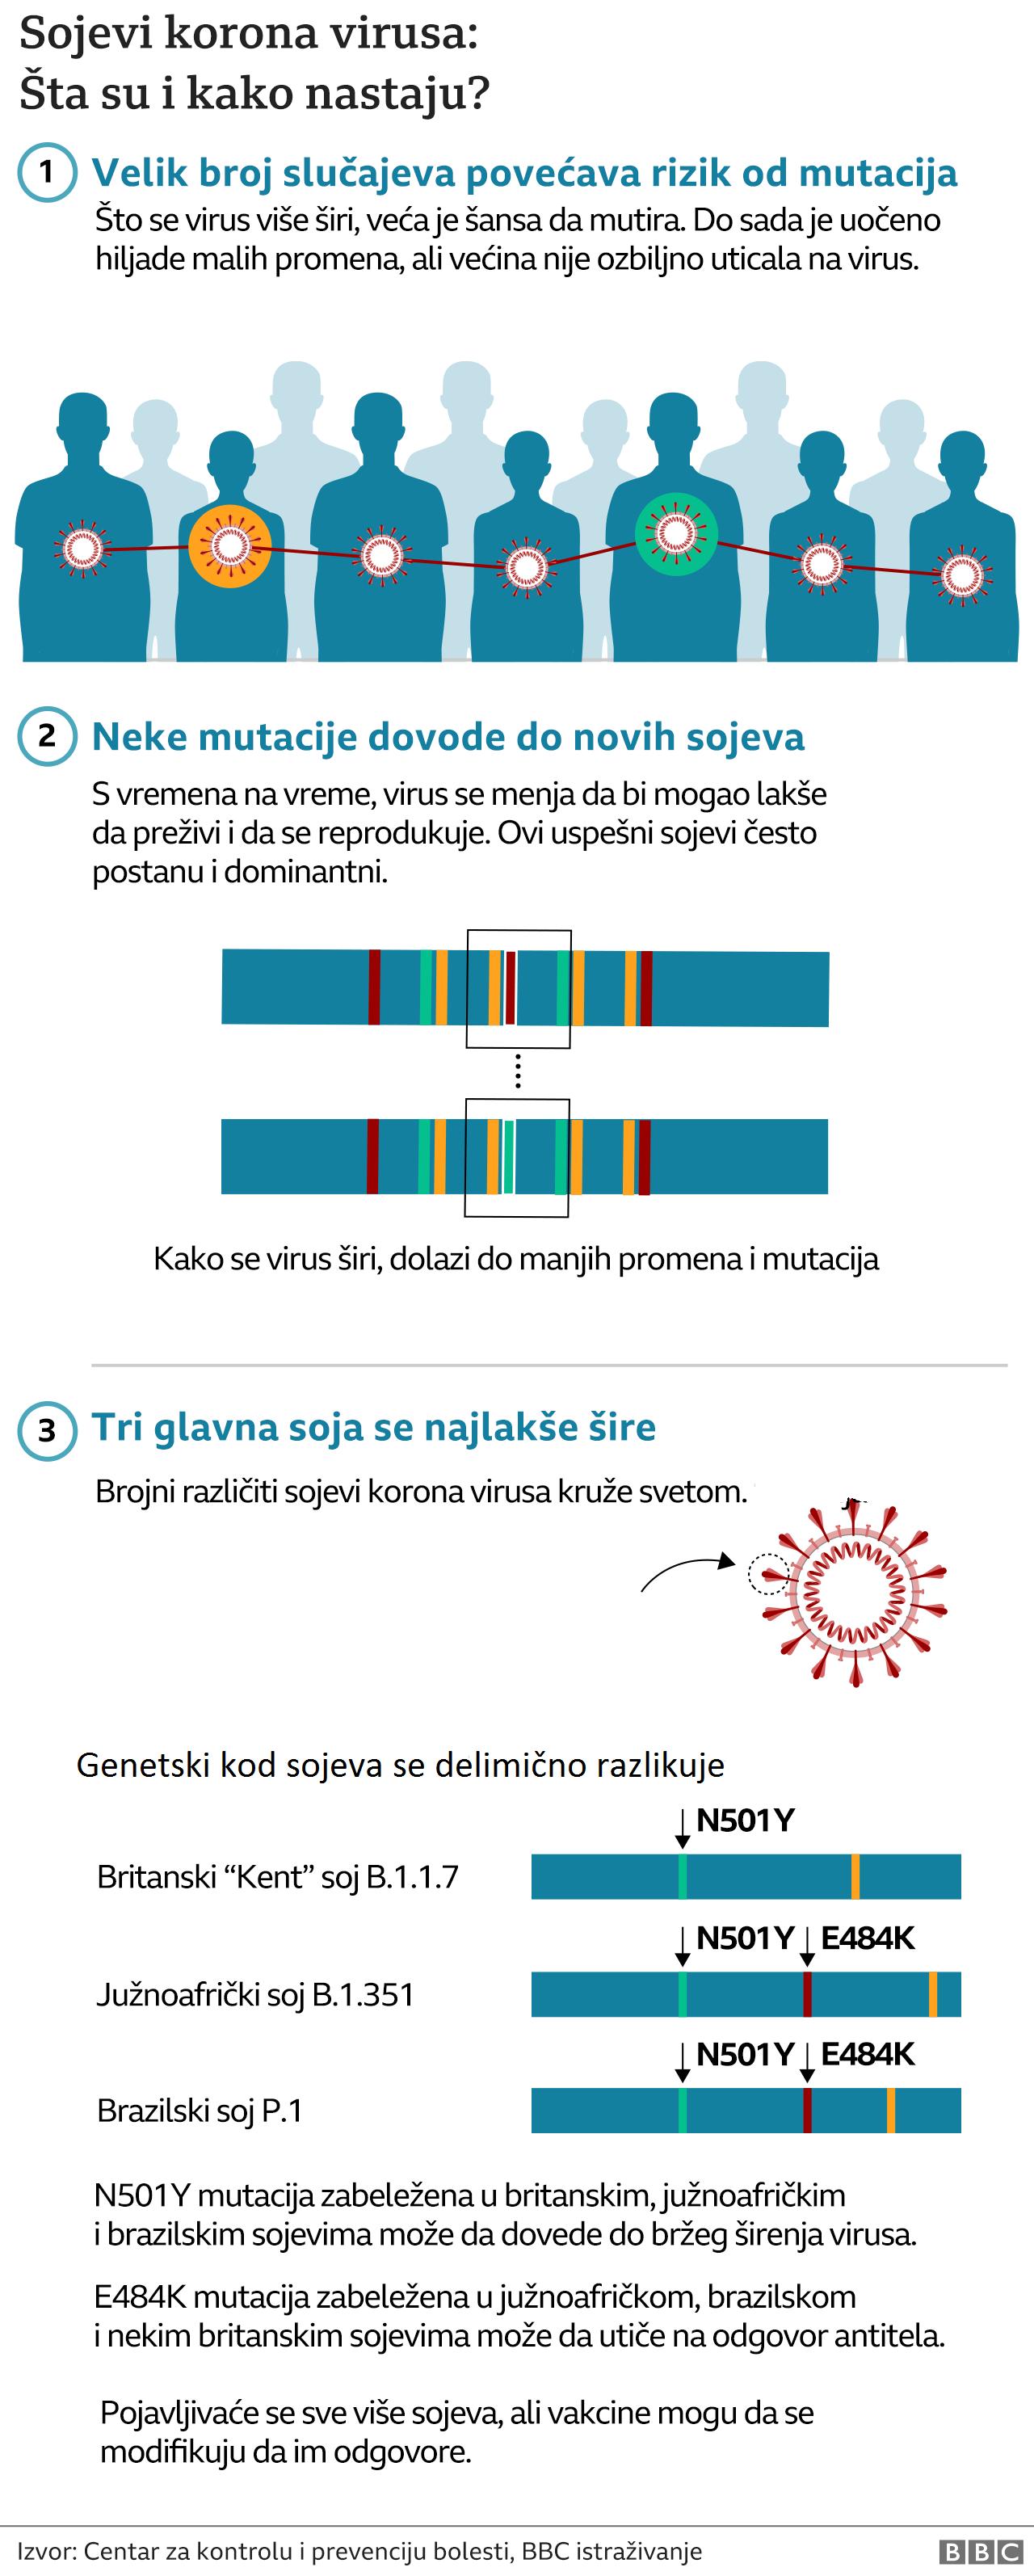 Korona virus: Još 24 preminulih u Srbiji, SZO odobrila vakcinu Džonson i Džonson